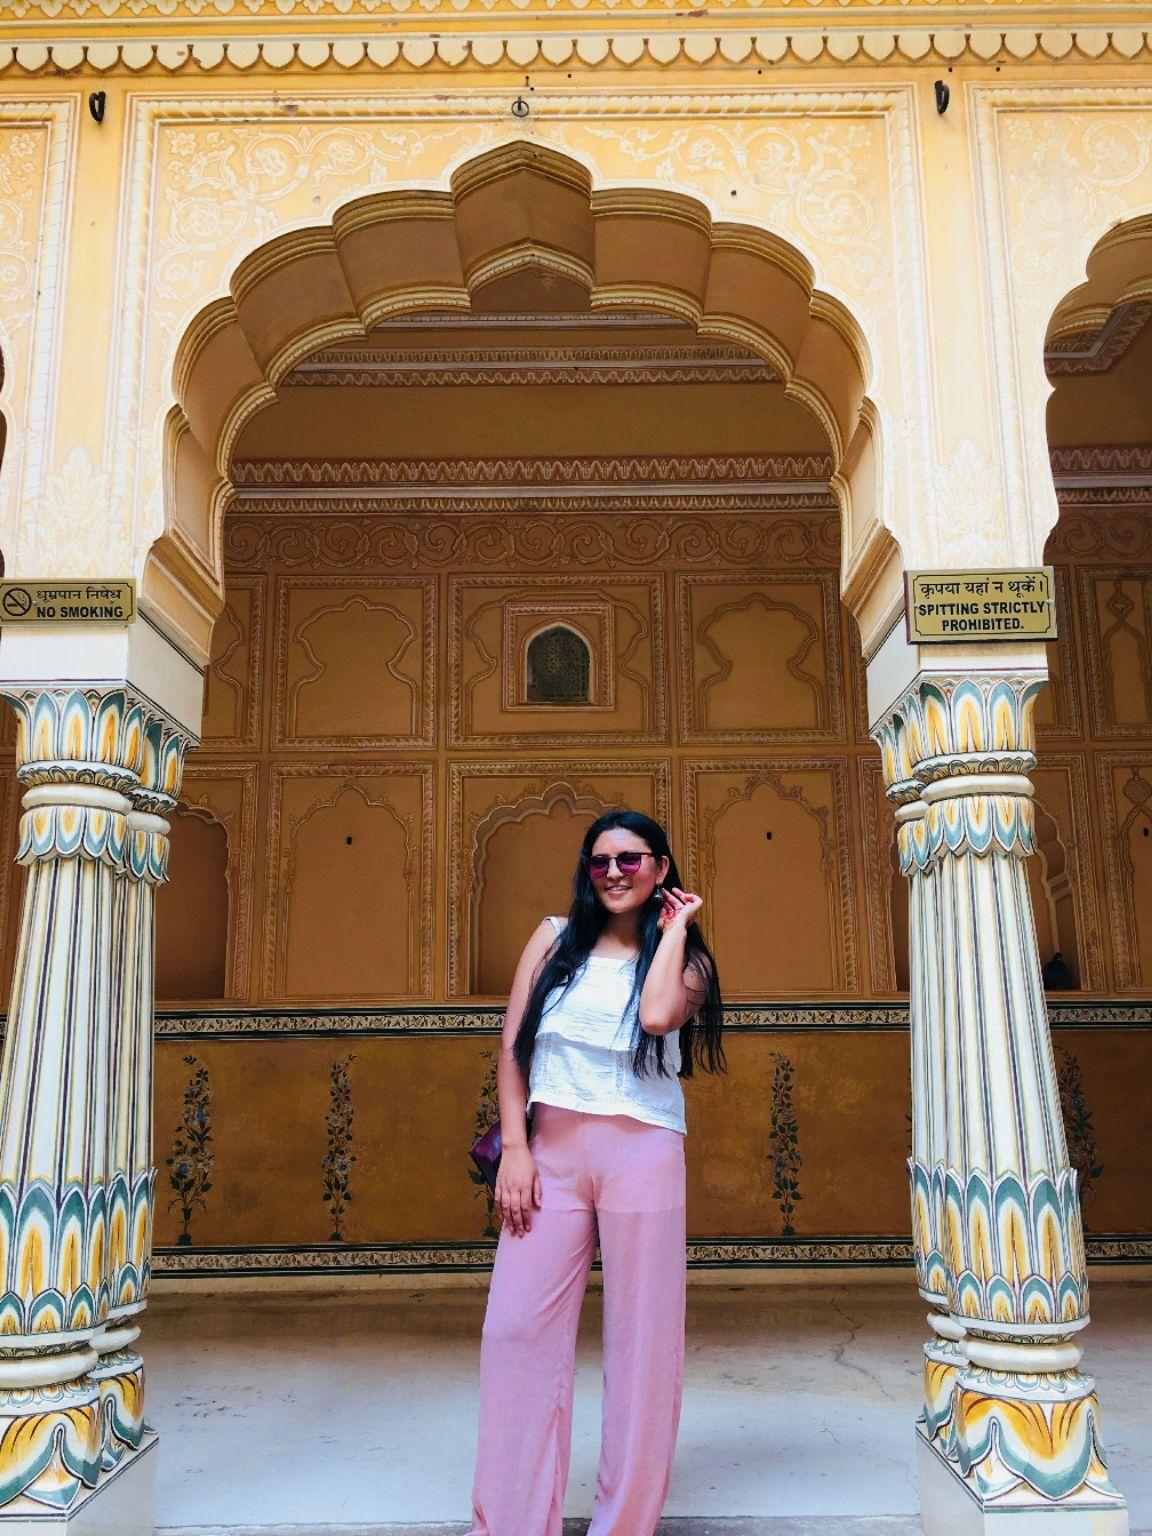 Photo of Rajasthan By Urgan spaldon